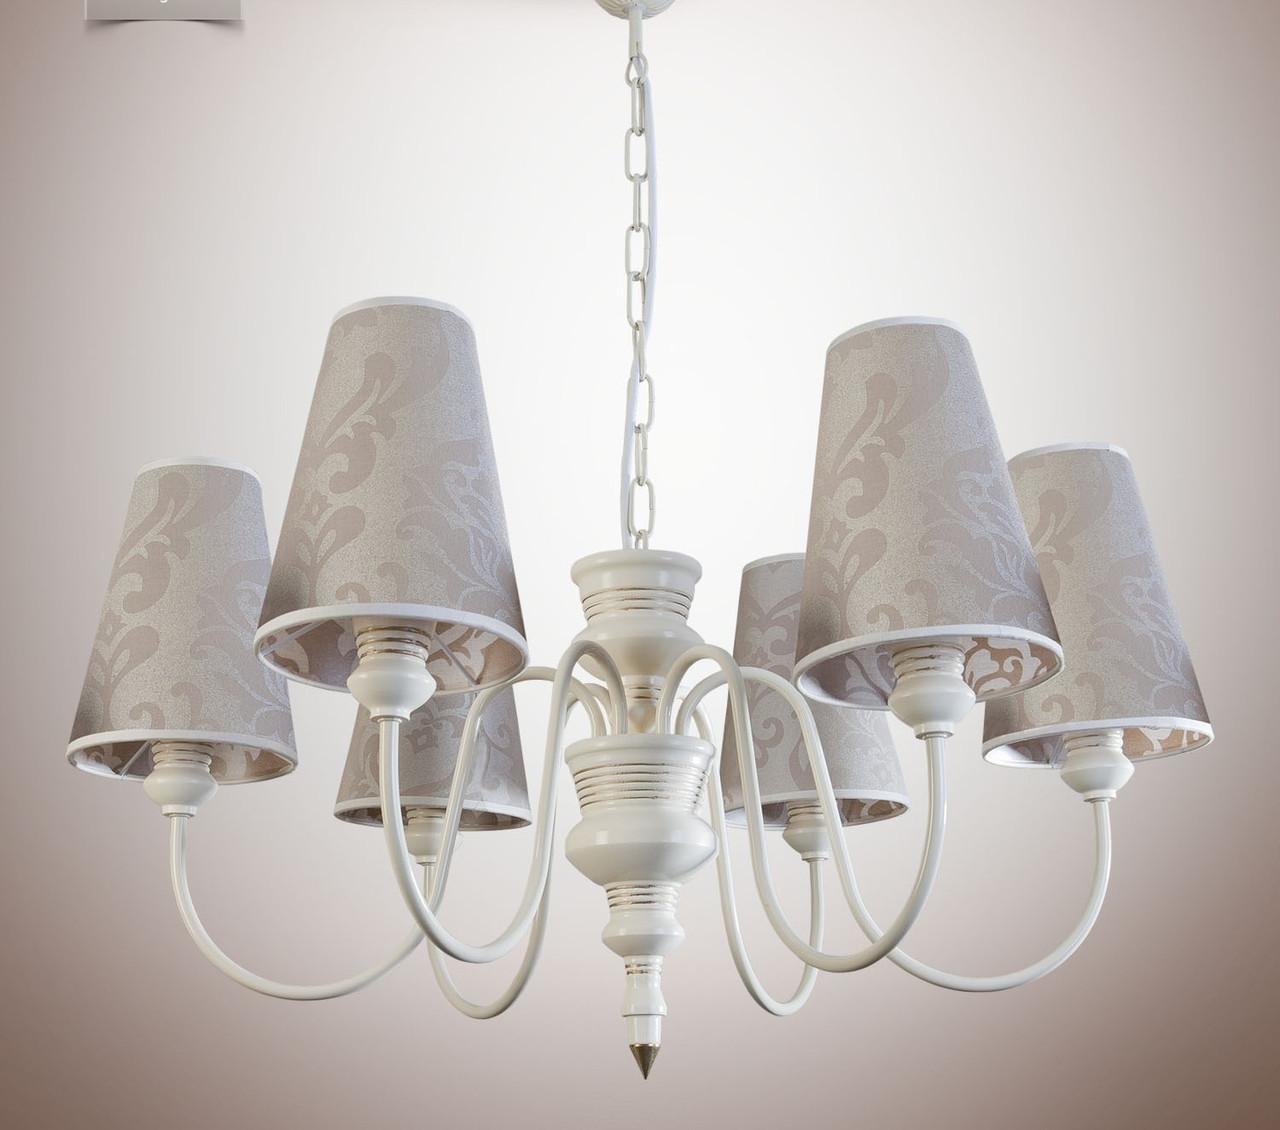 Люстра для зала, для гостиной с абажурами, 6 ламповая 14406-5